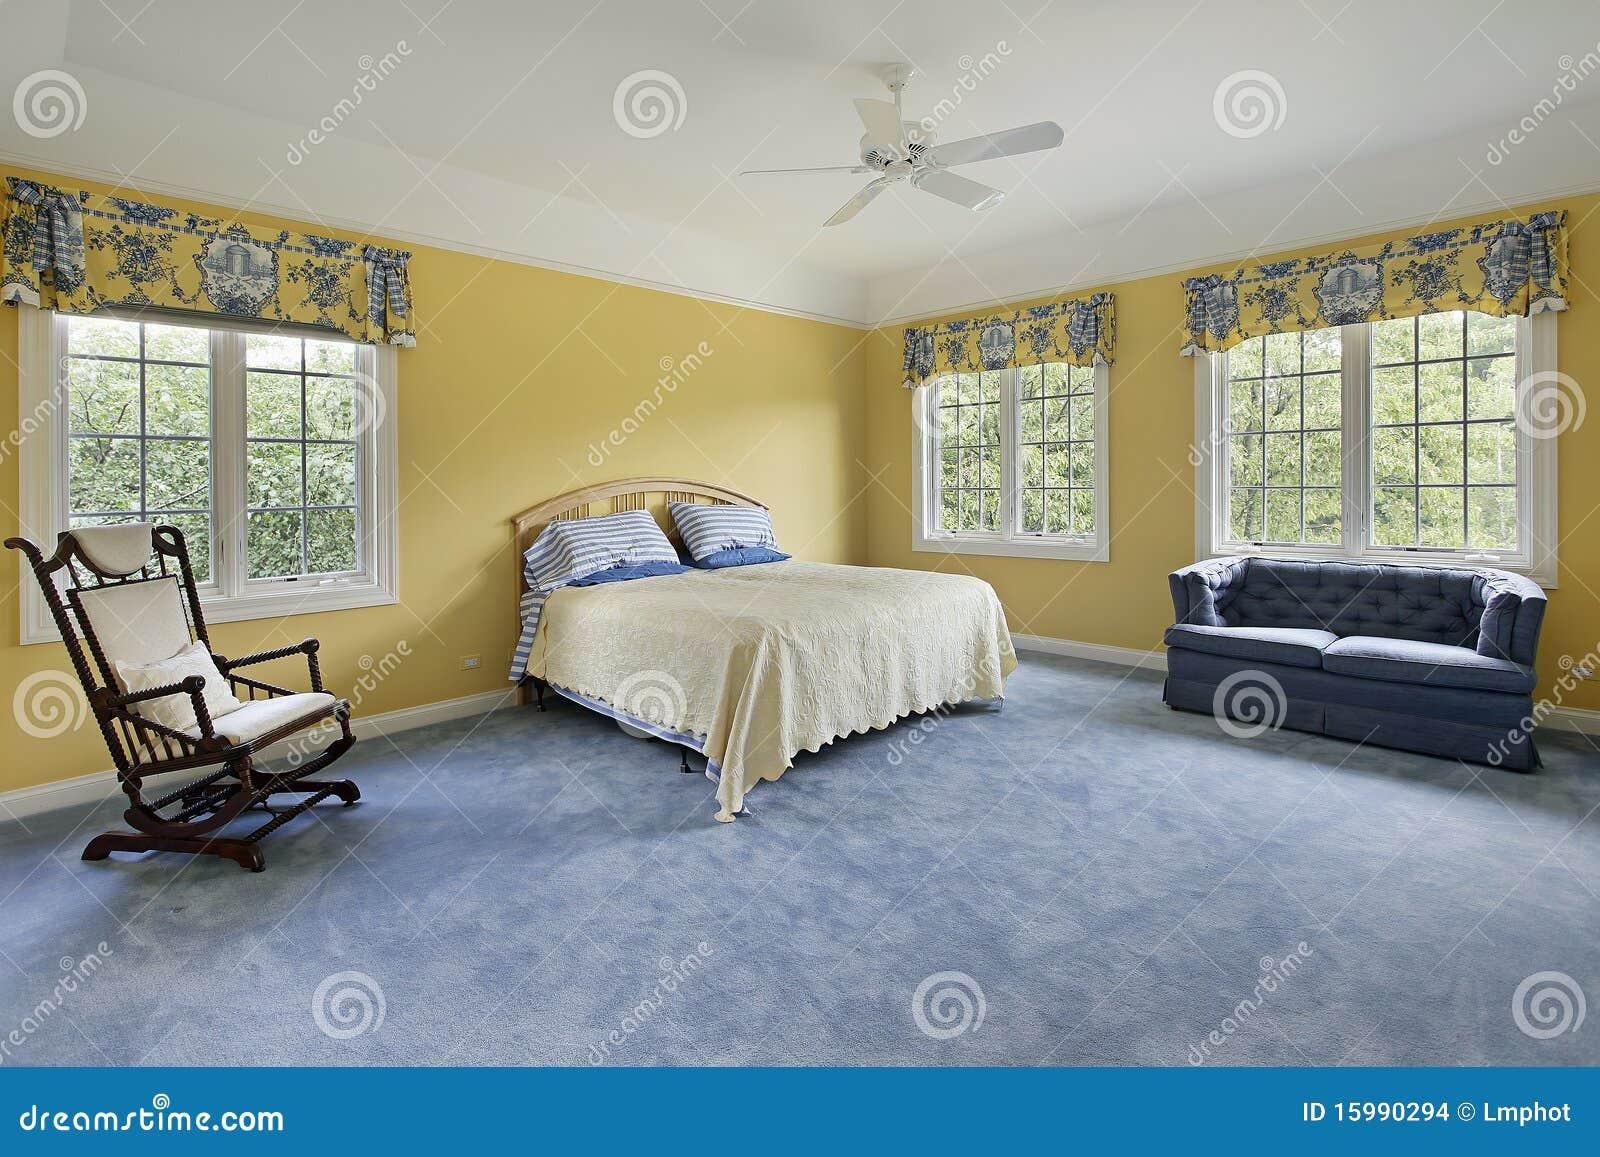 Gele Muur Slaapkamer : Bedroom with Yellow Walls